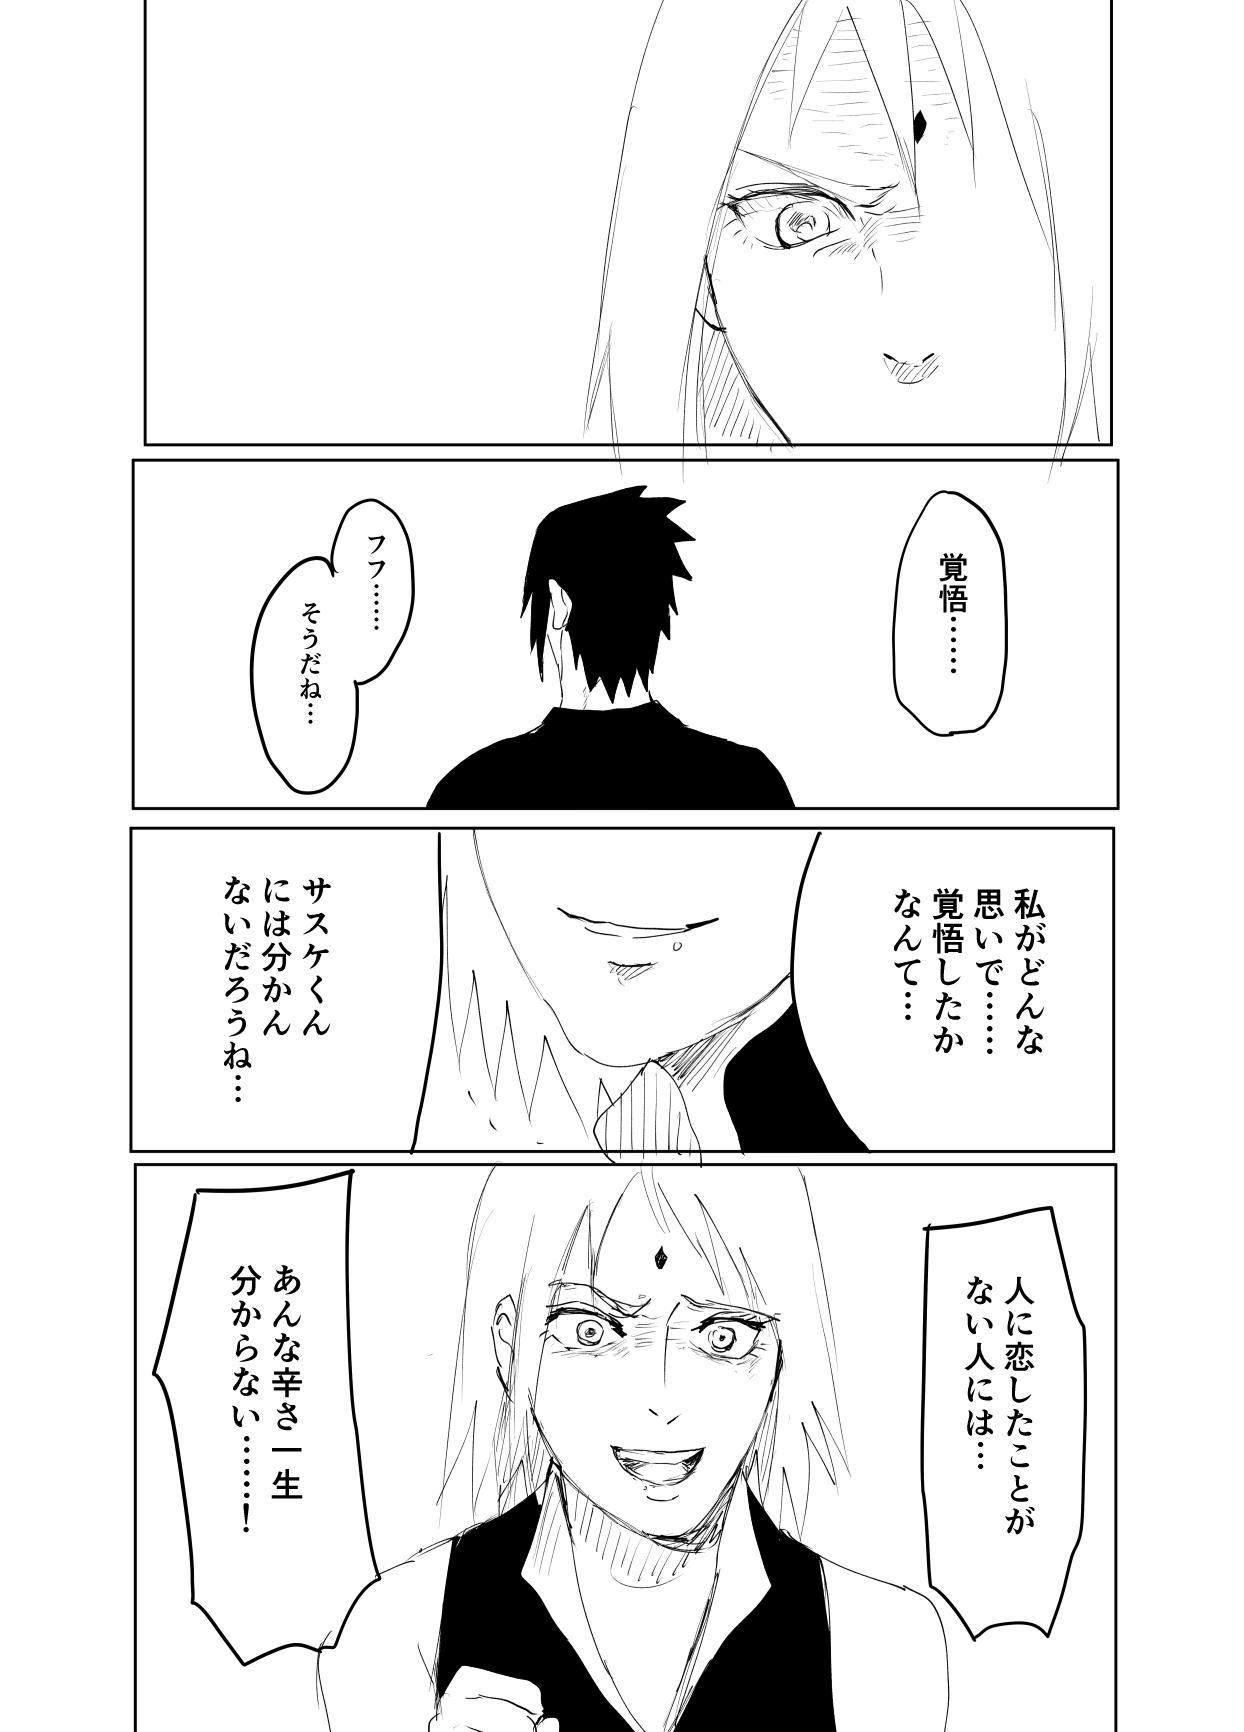 嘘告白漫画 45